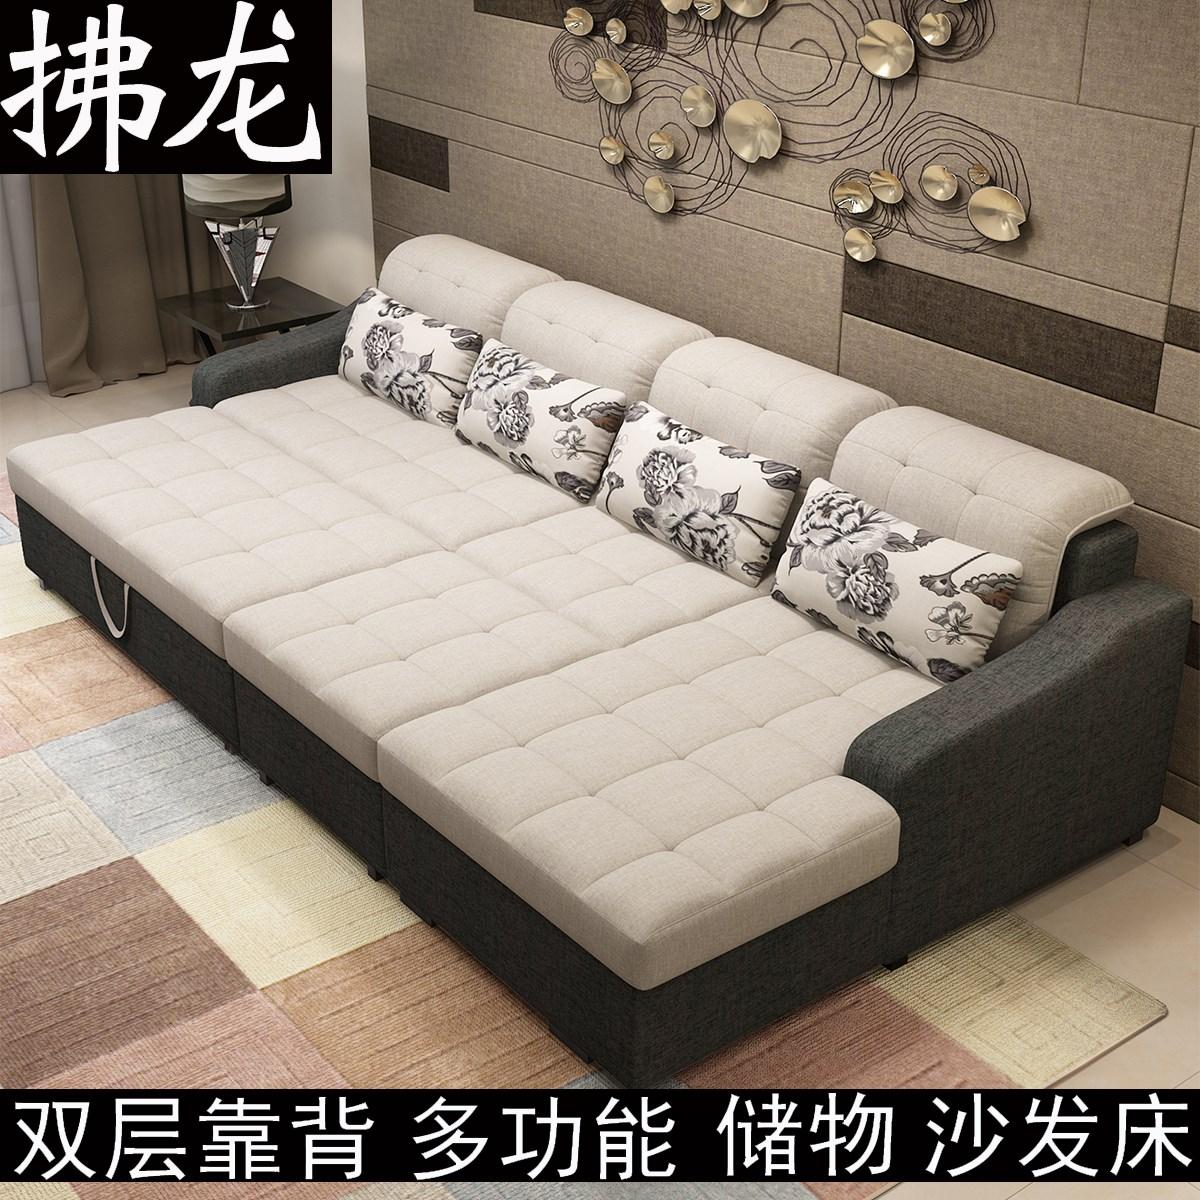 소파 침대 다기능 정말 접기 작은 평형 거실 미닫이 코너 뜯어 빨다 비축 물건 겸용 2인용 천 소파